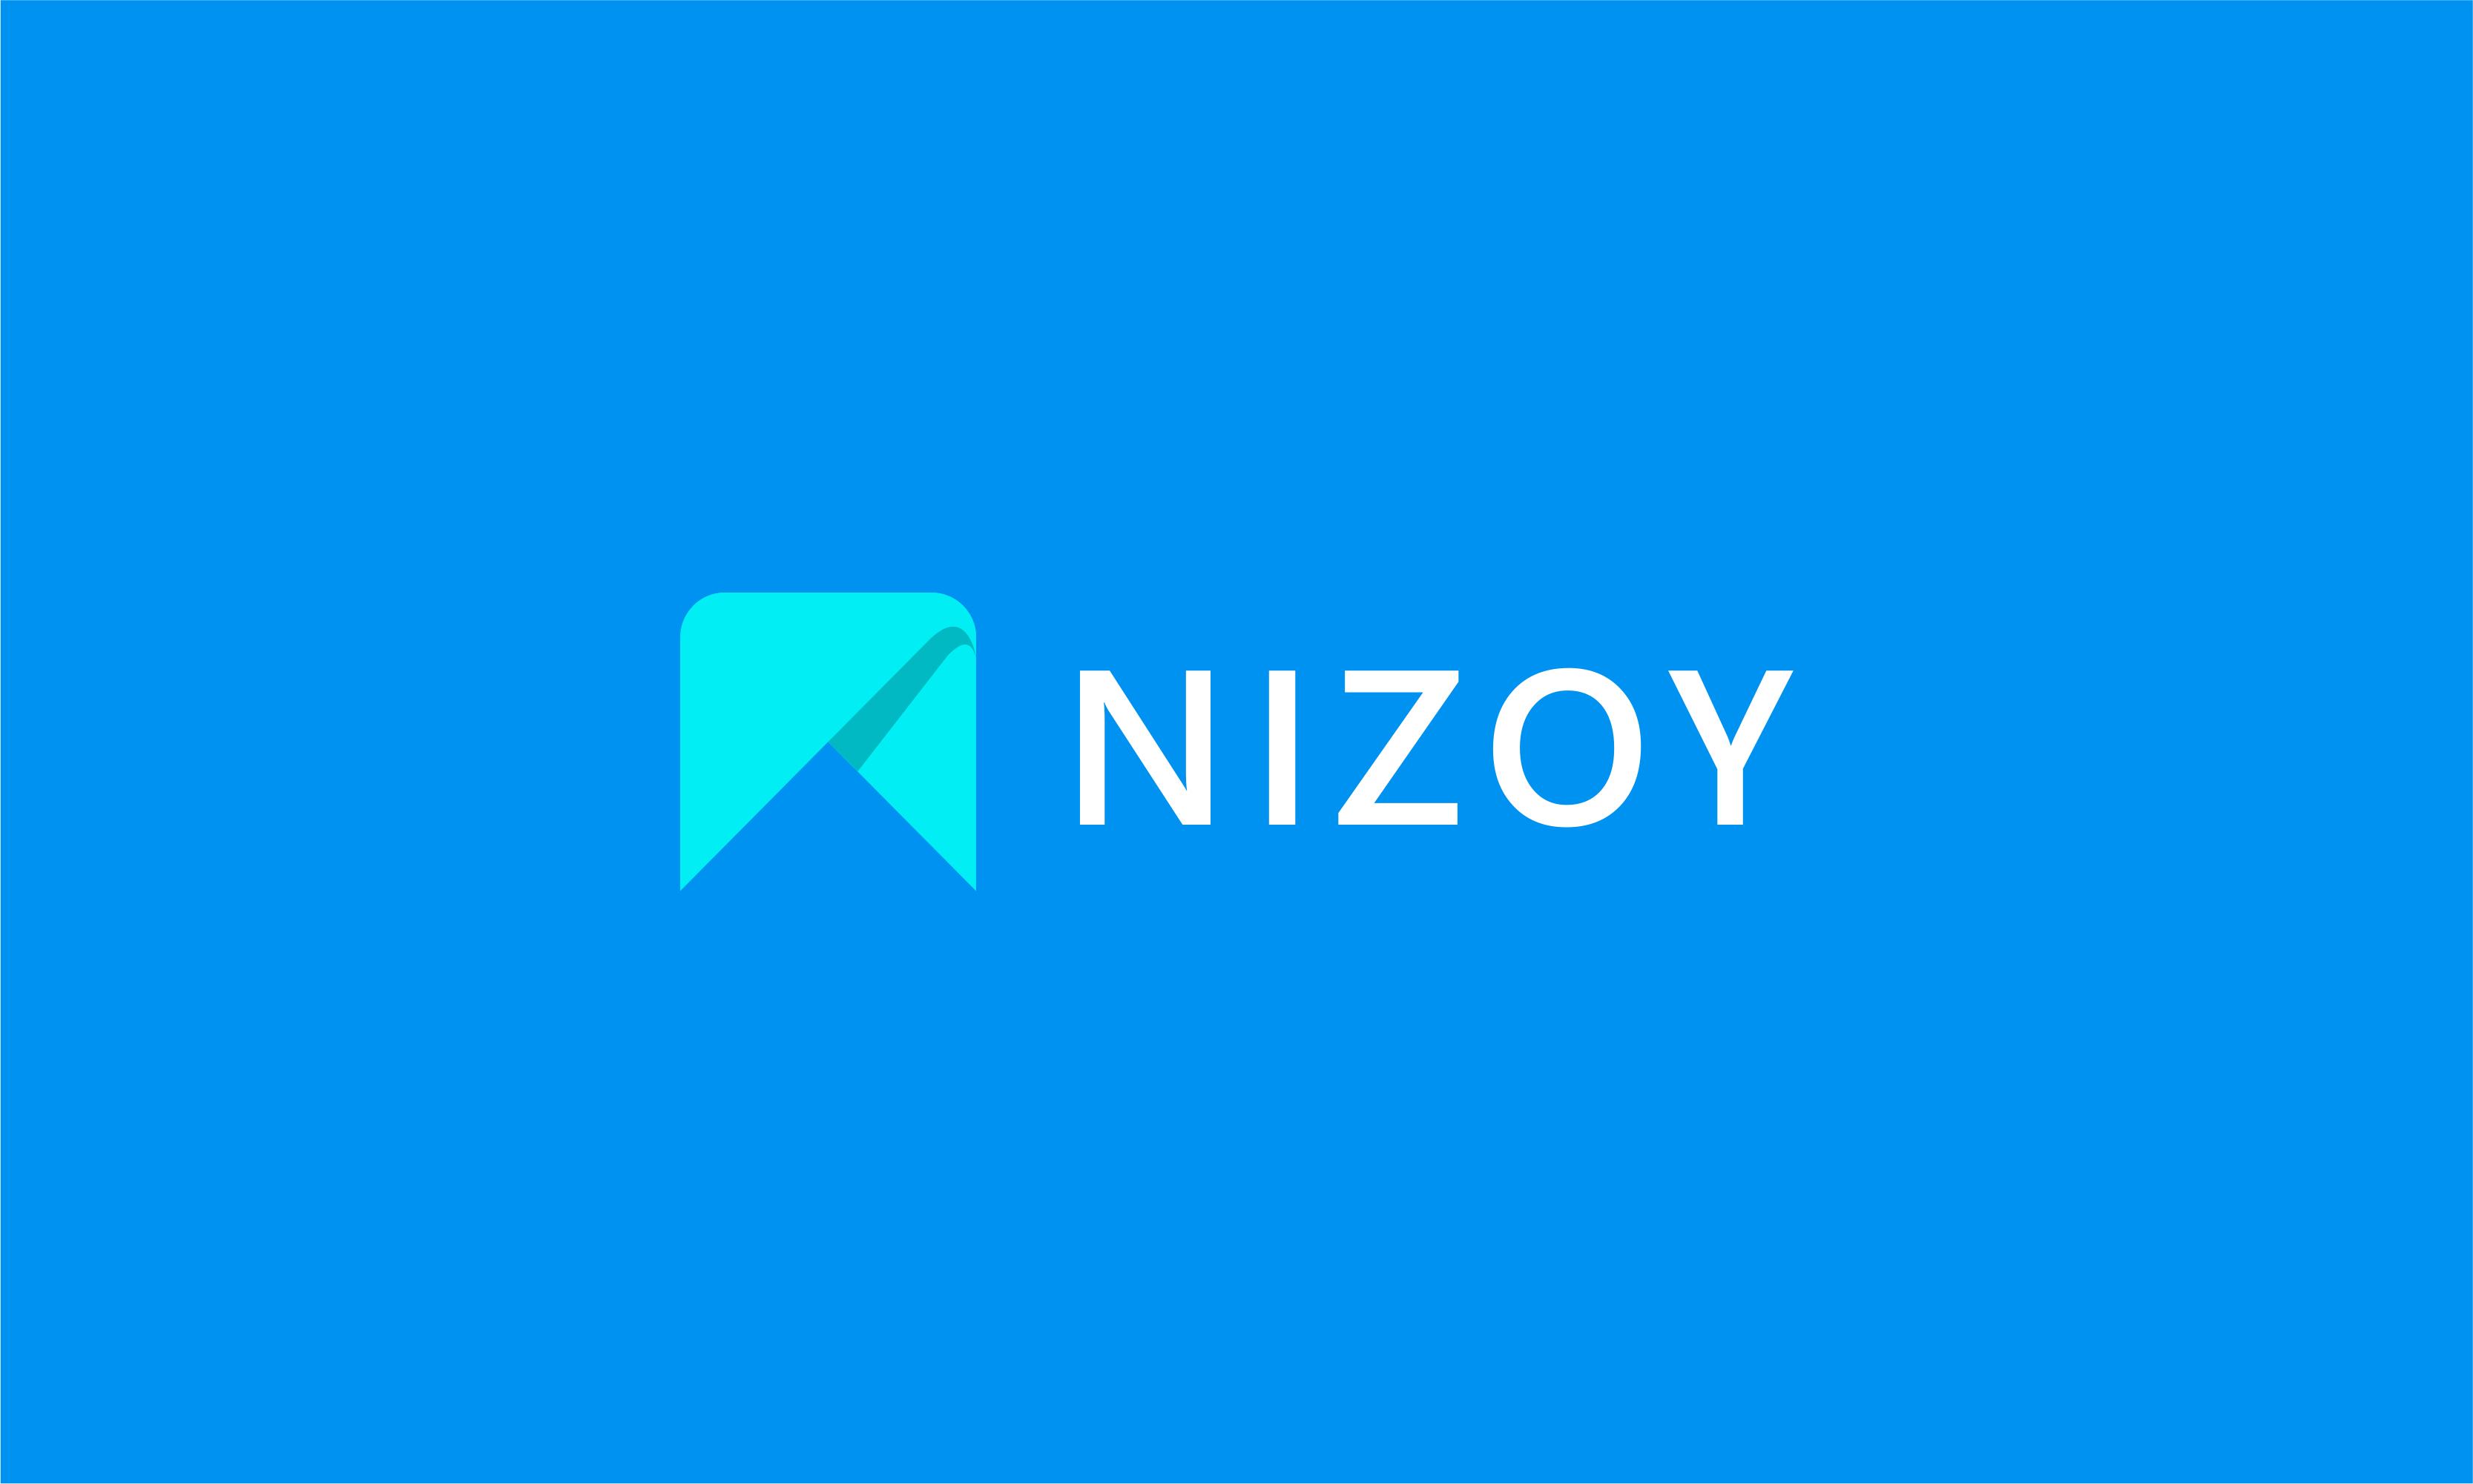 Nizoy